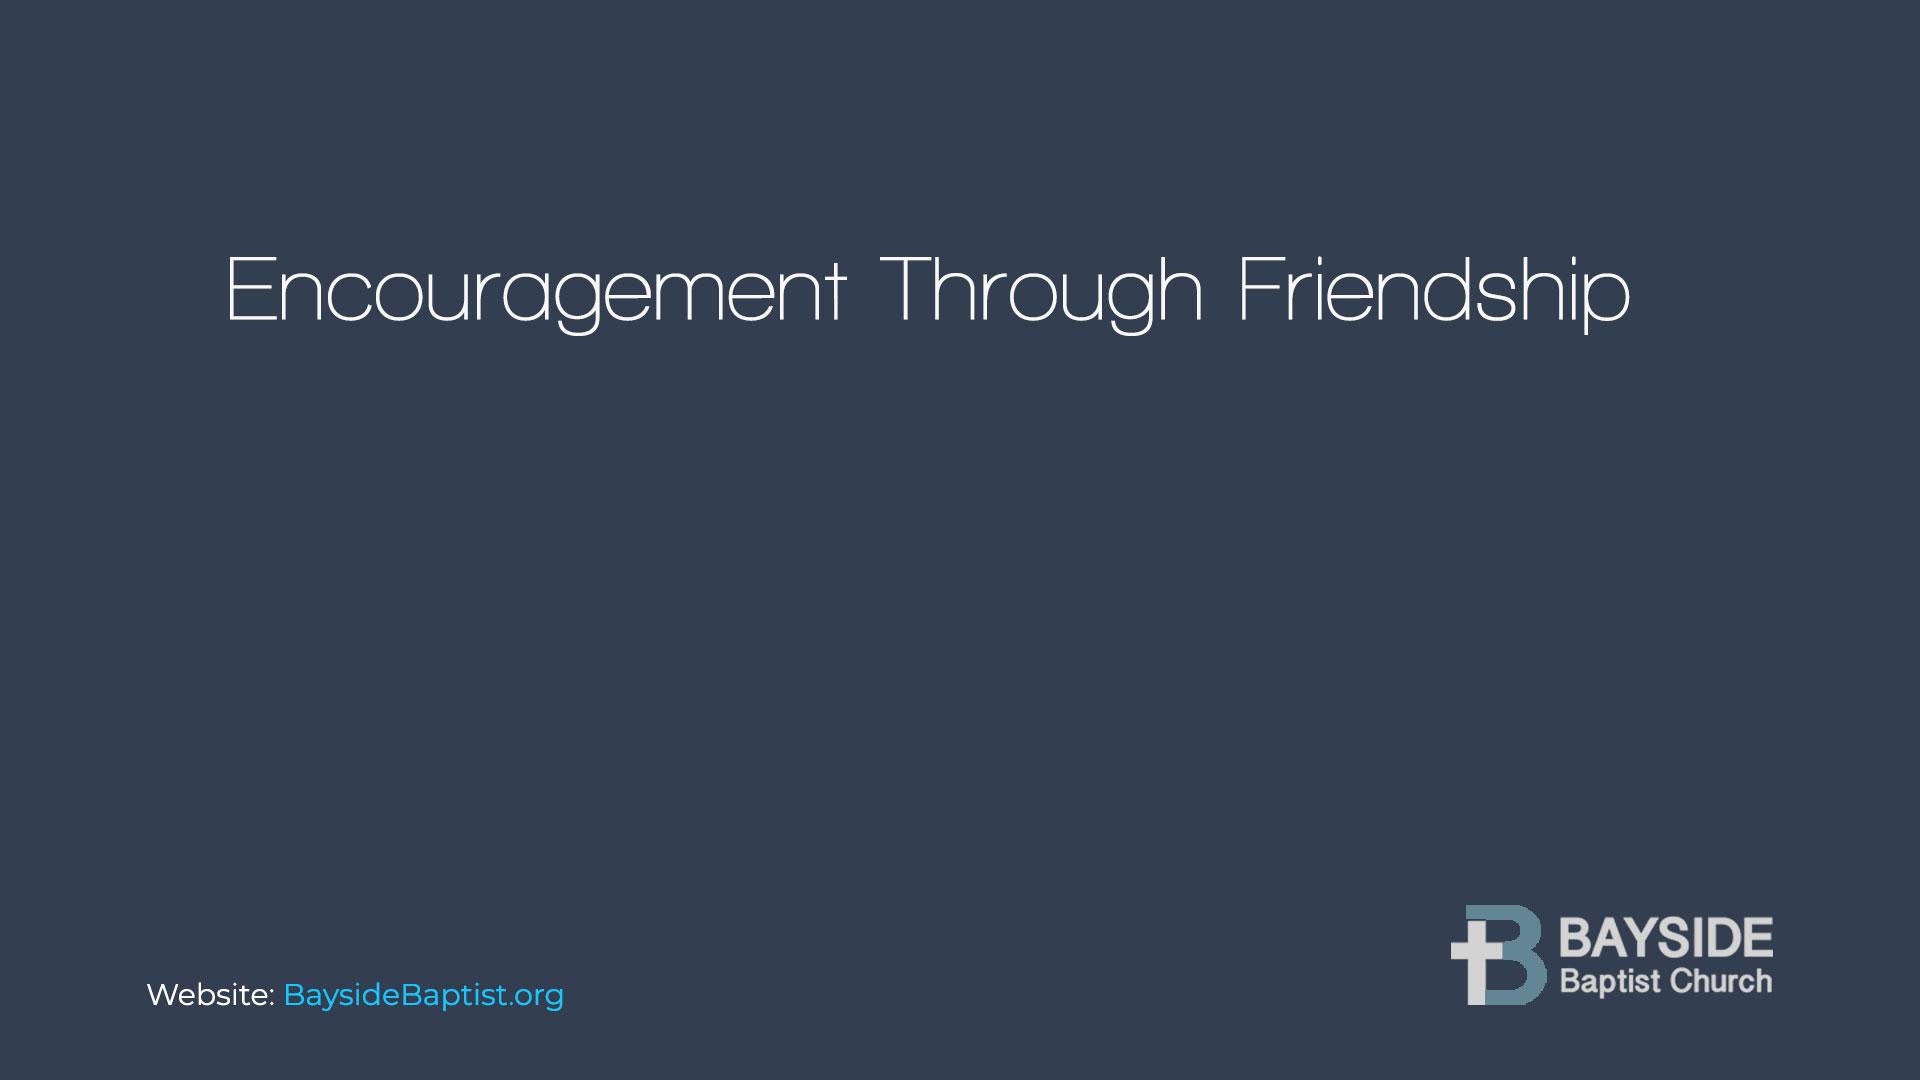 Encouragement Through Friendship Image